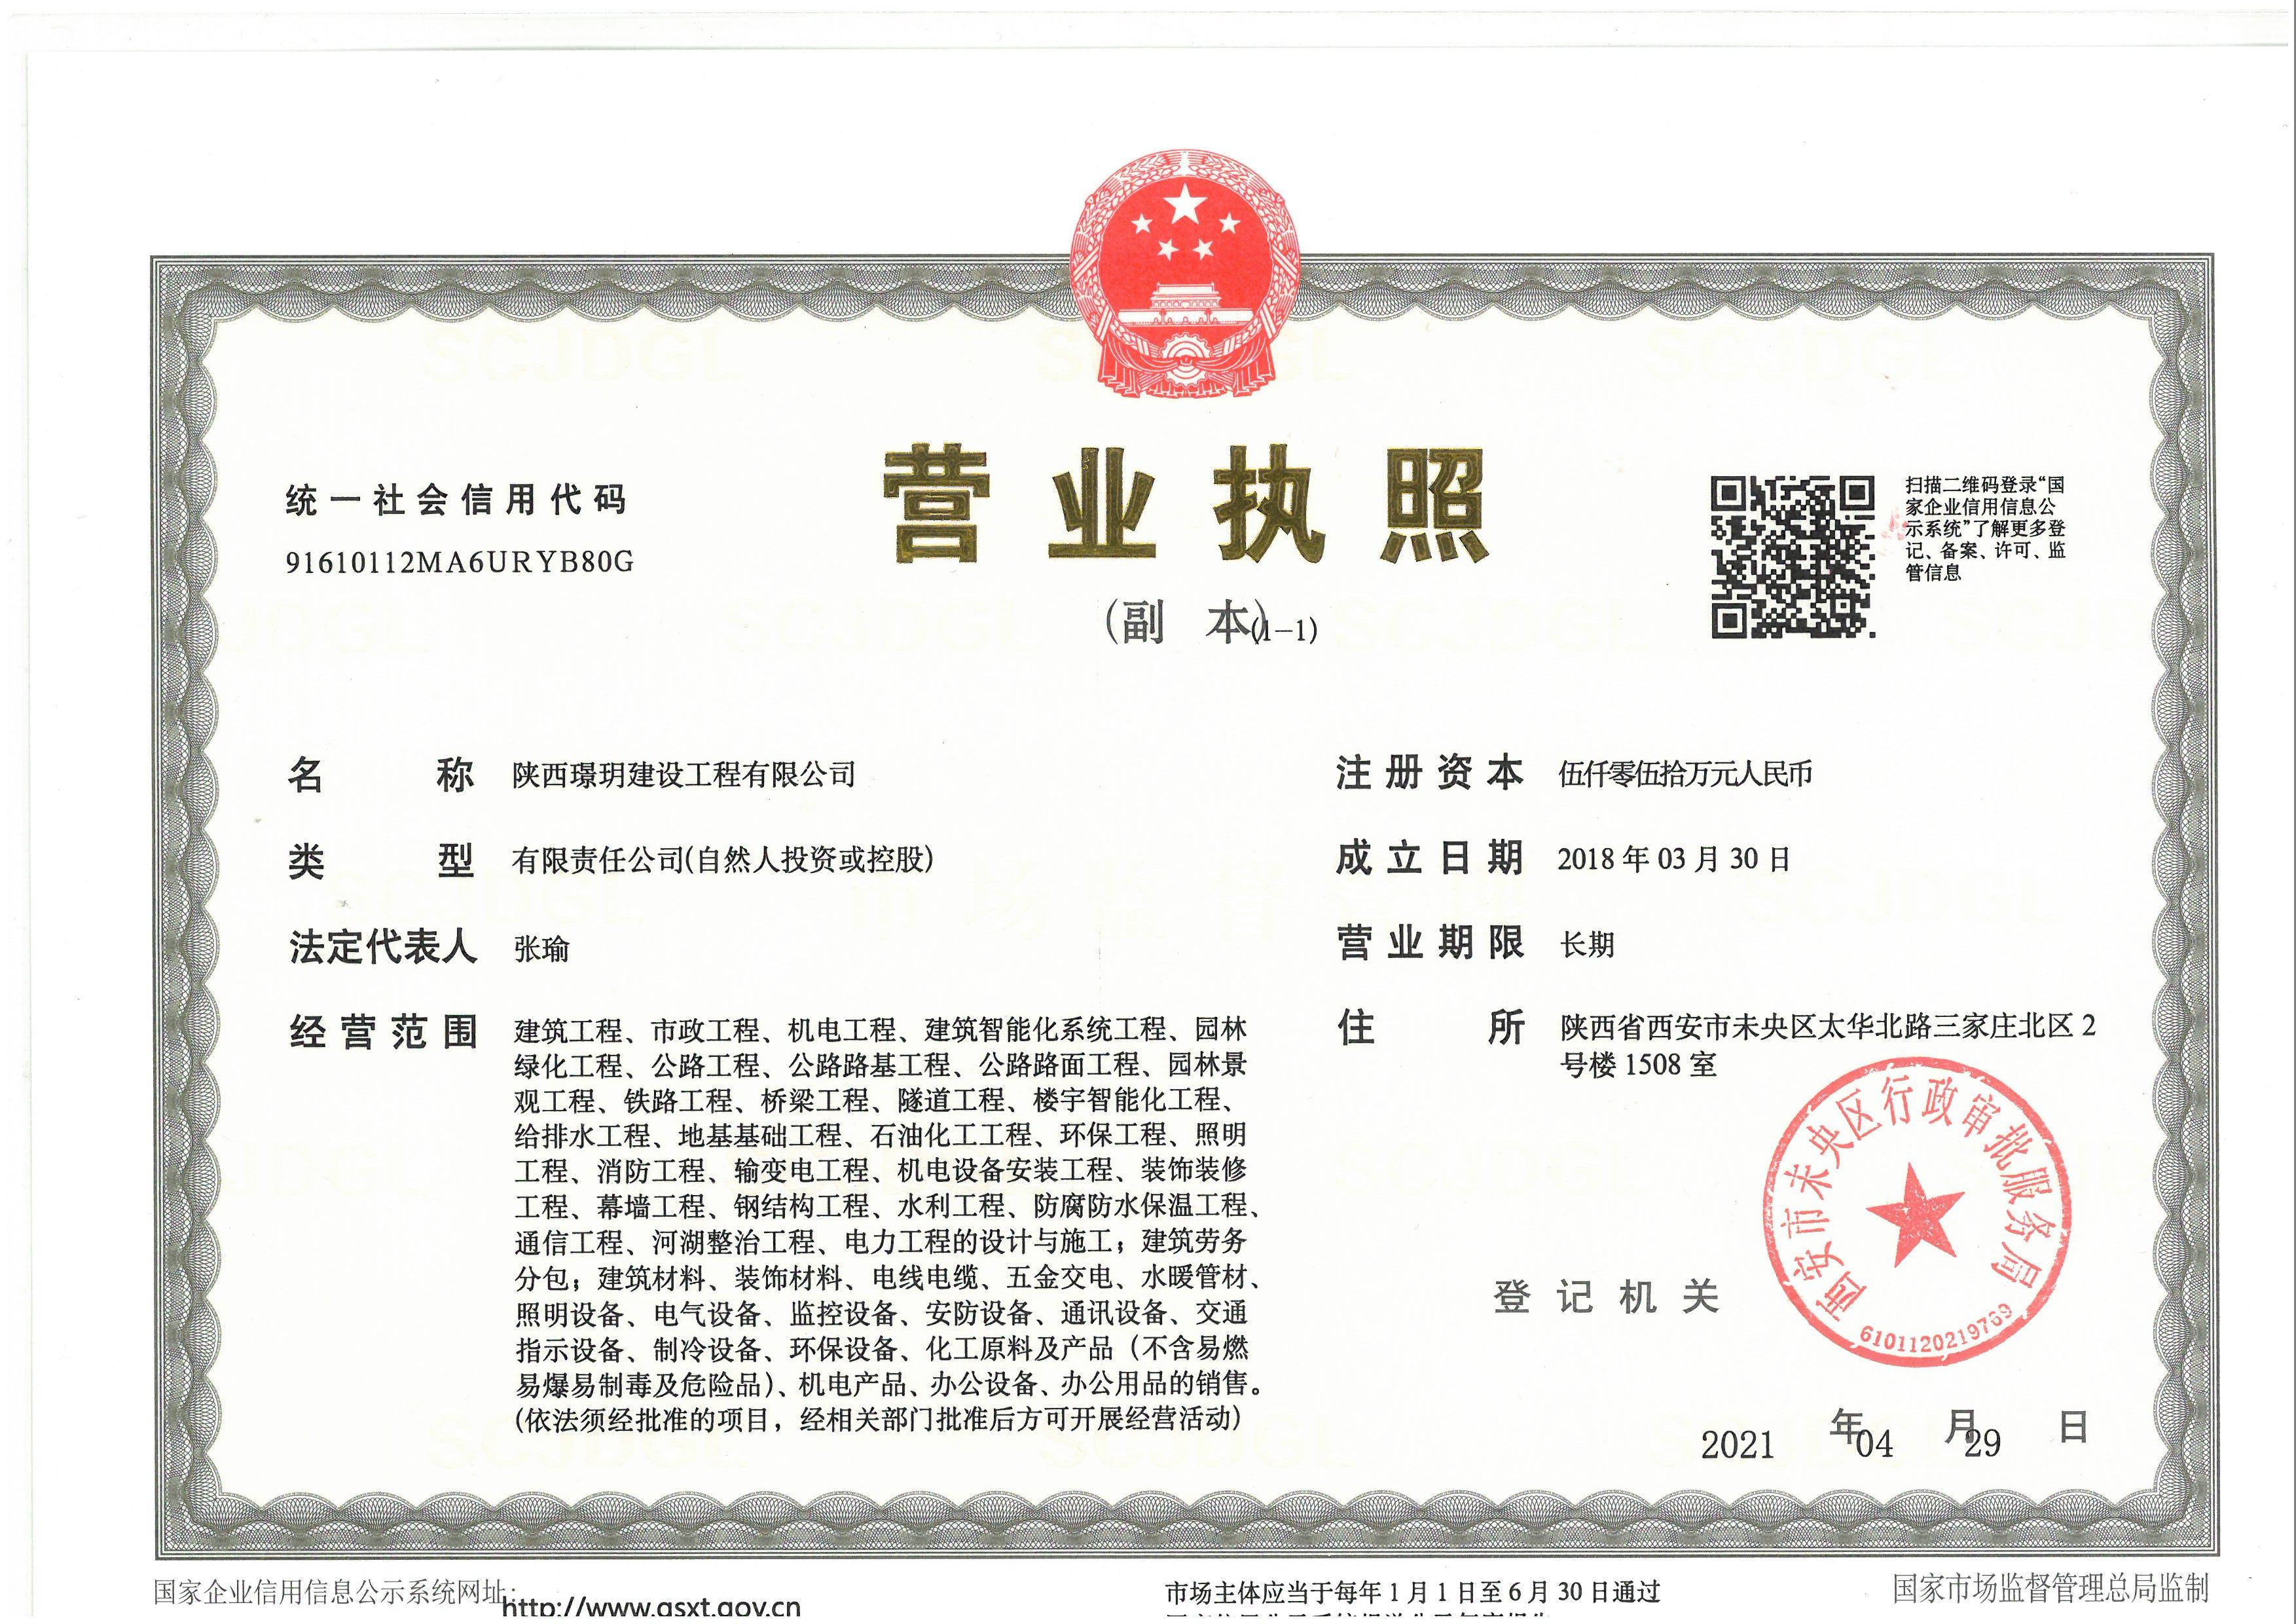 陕西璟玥建设工程有限公司